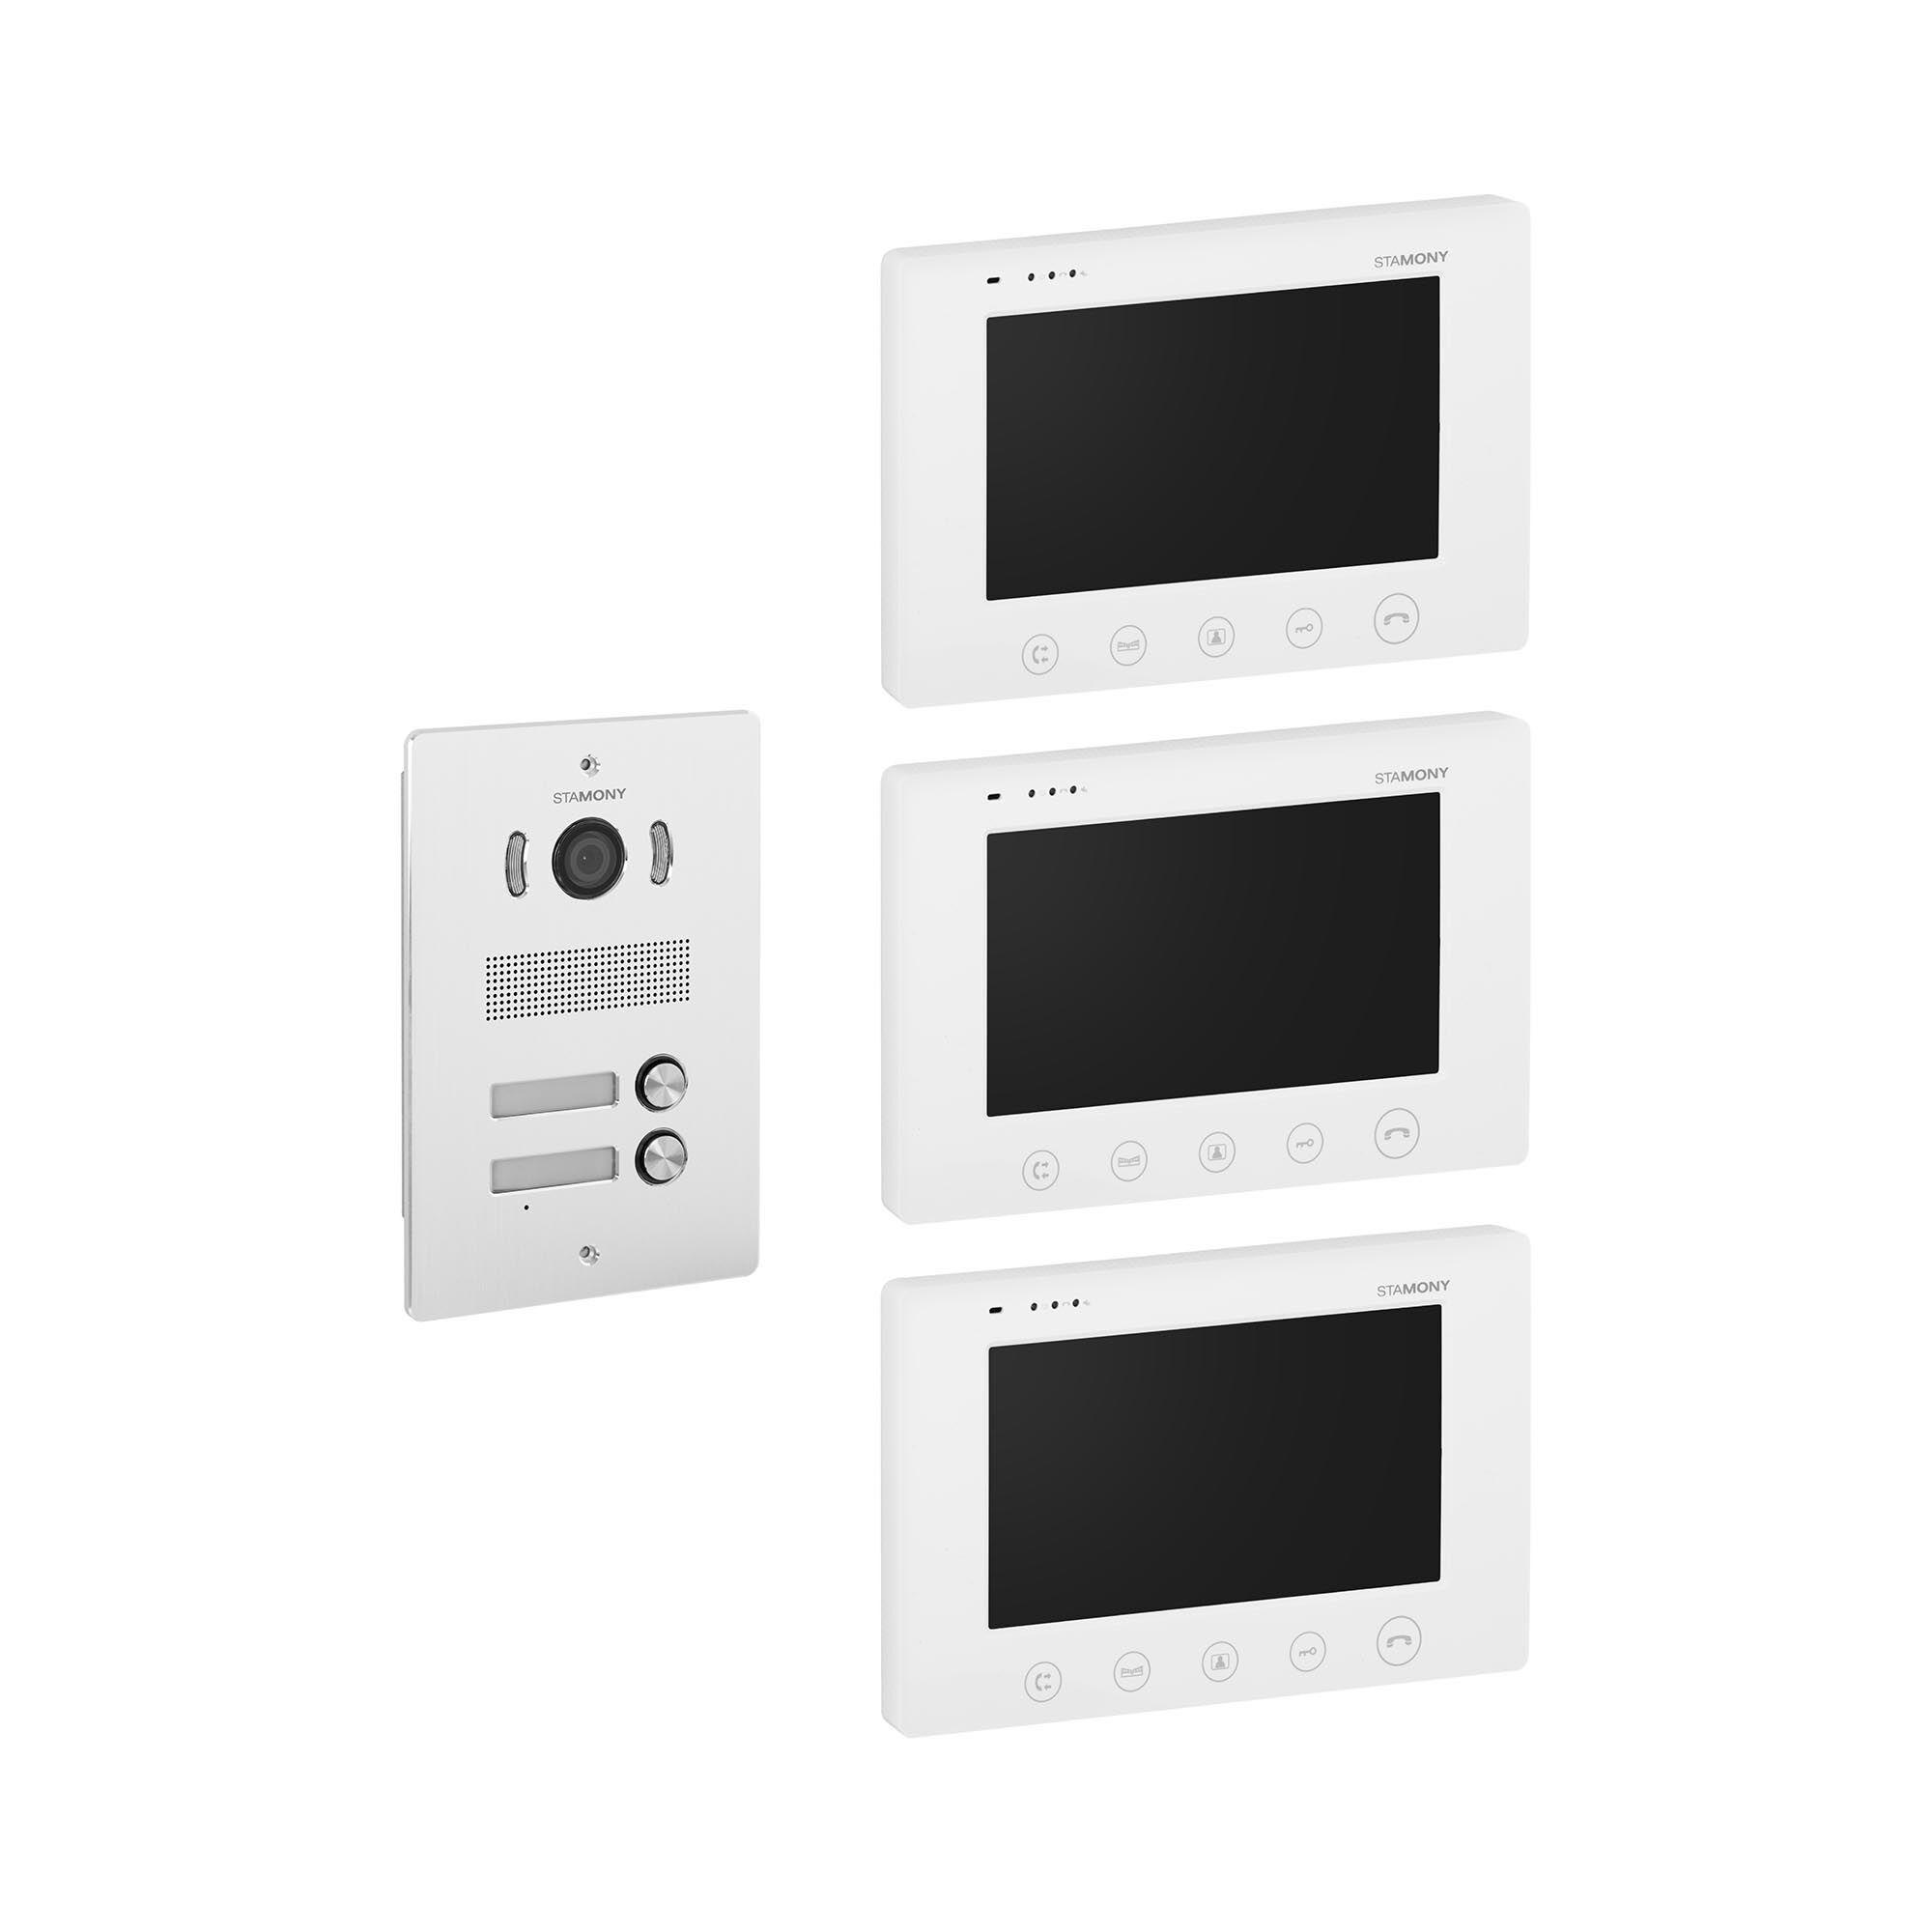 stamony kit videocitofono bifamiliare - 3 monitor - display 17,8 cm - telecamera esterna, apriporta e apricancello st-vp-300